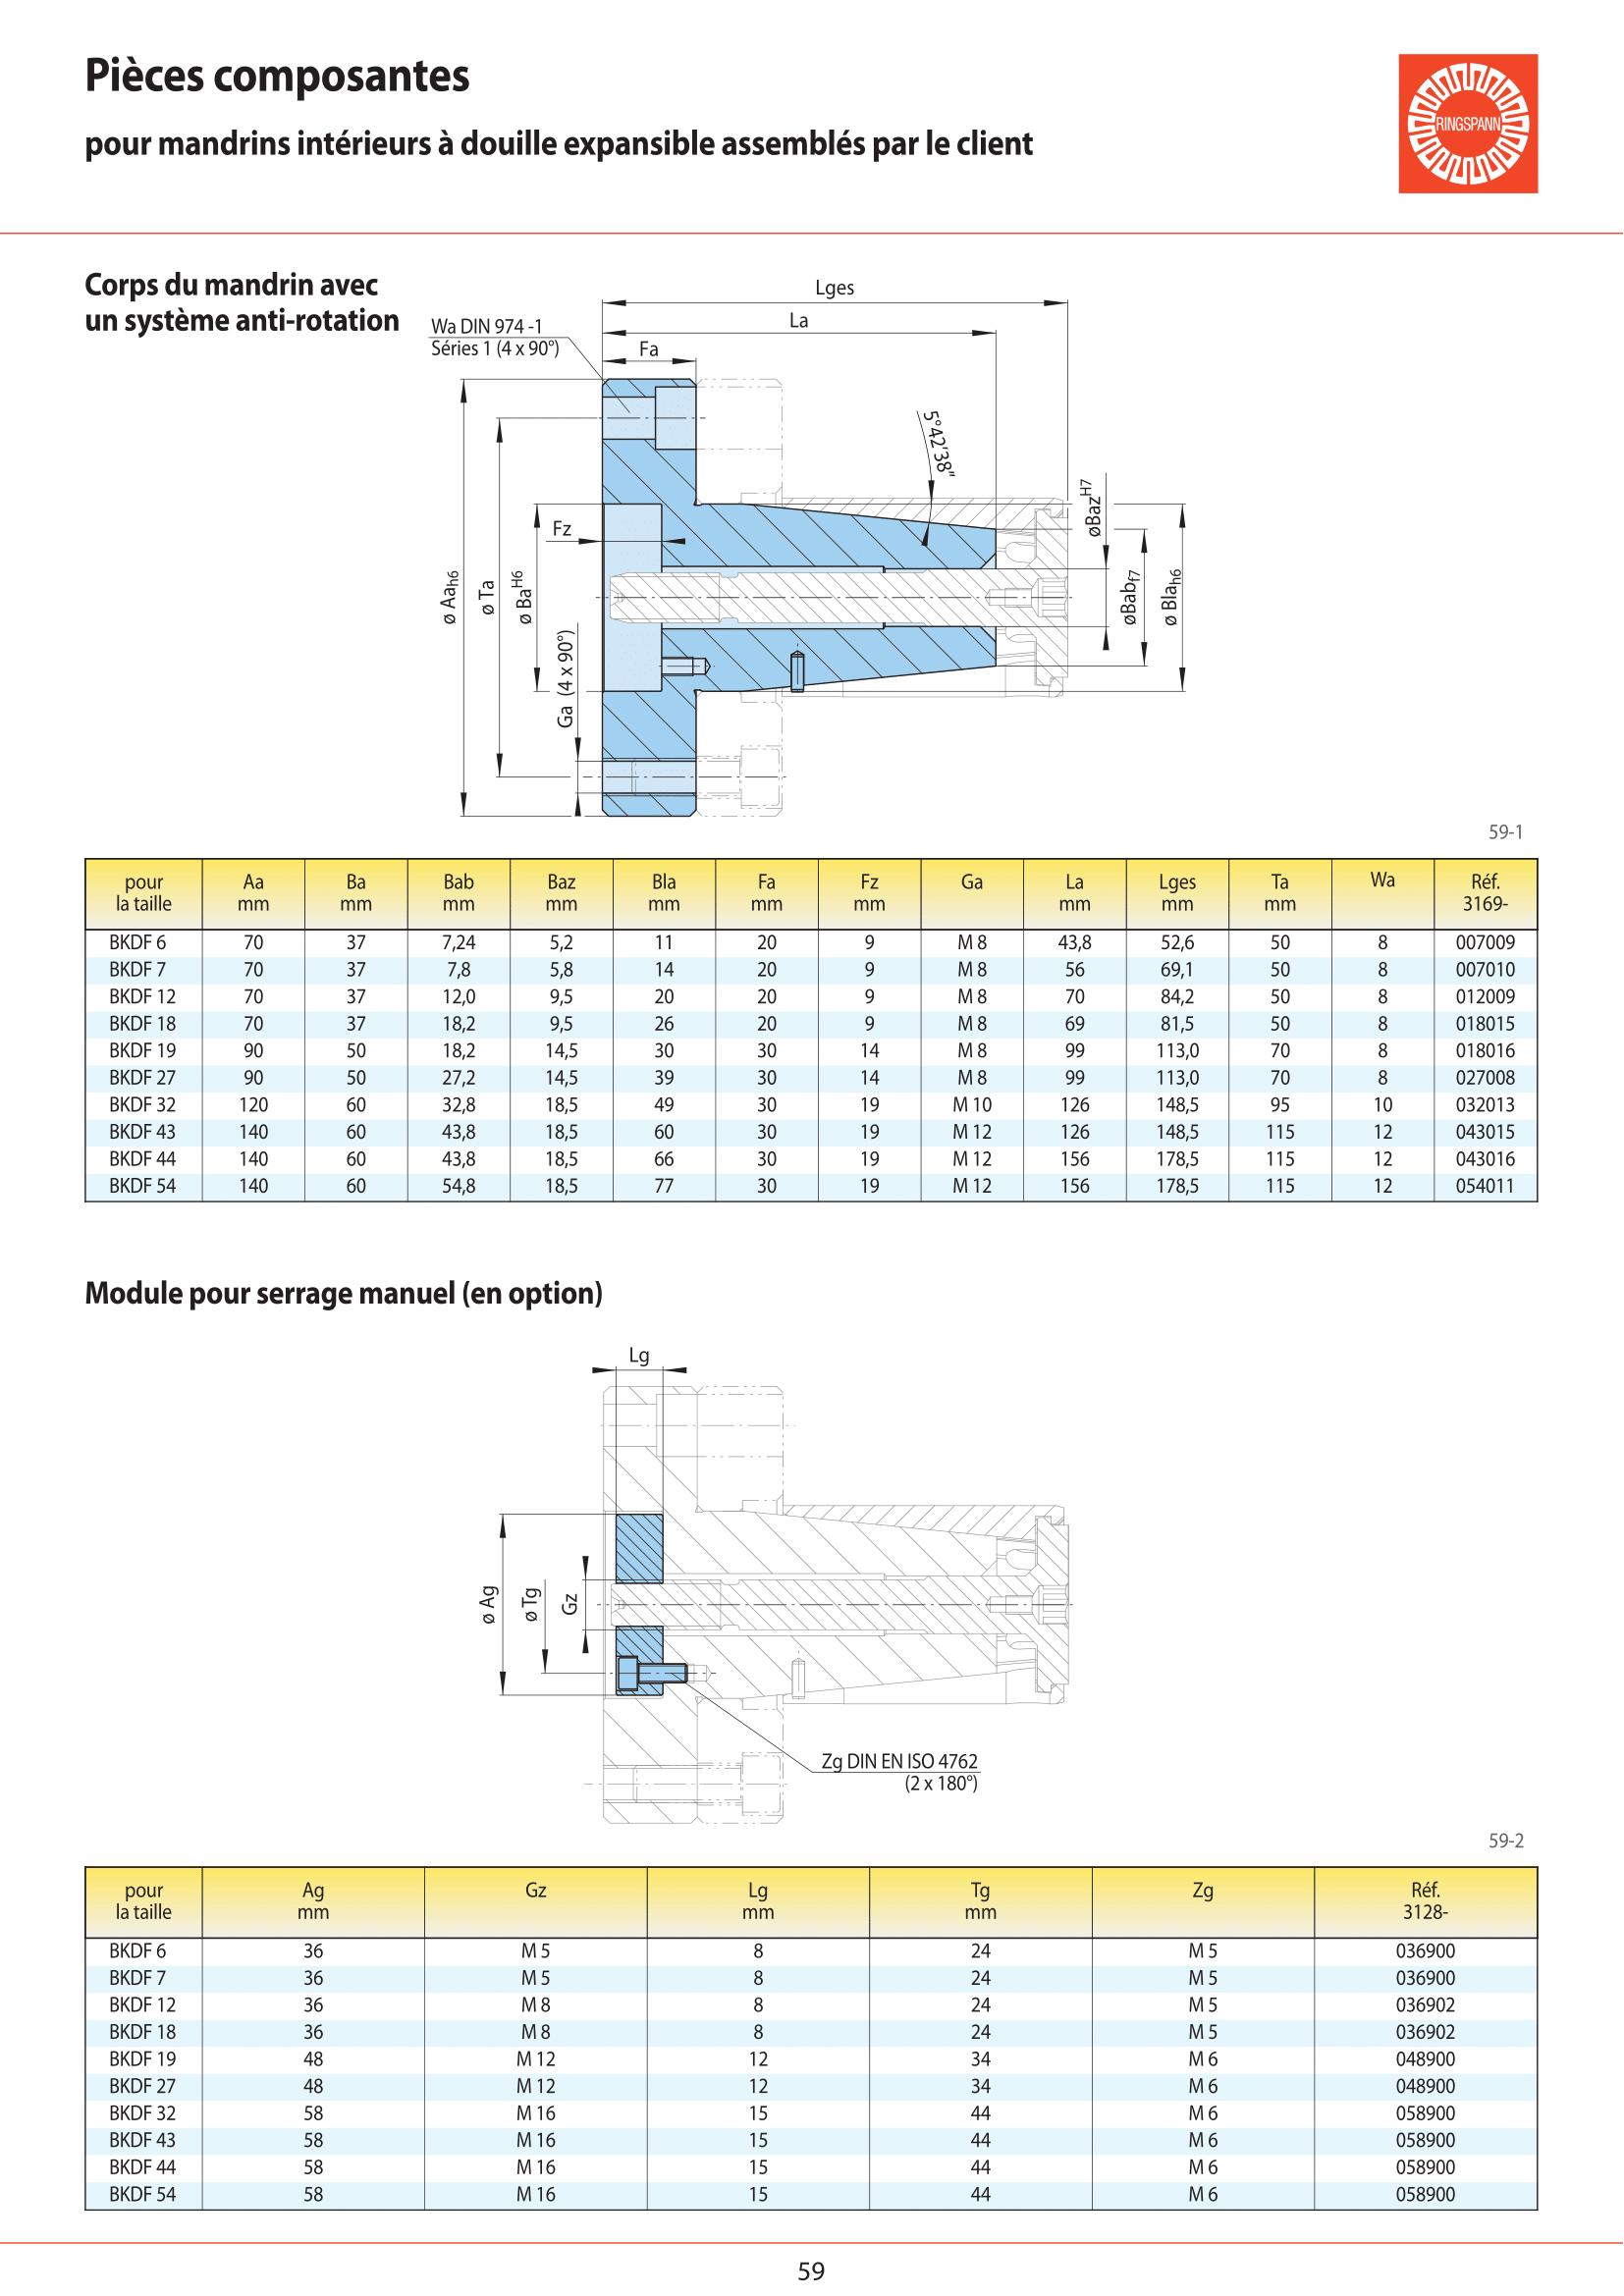 Fiche technique - BKDF 19 page 8